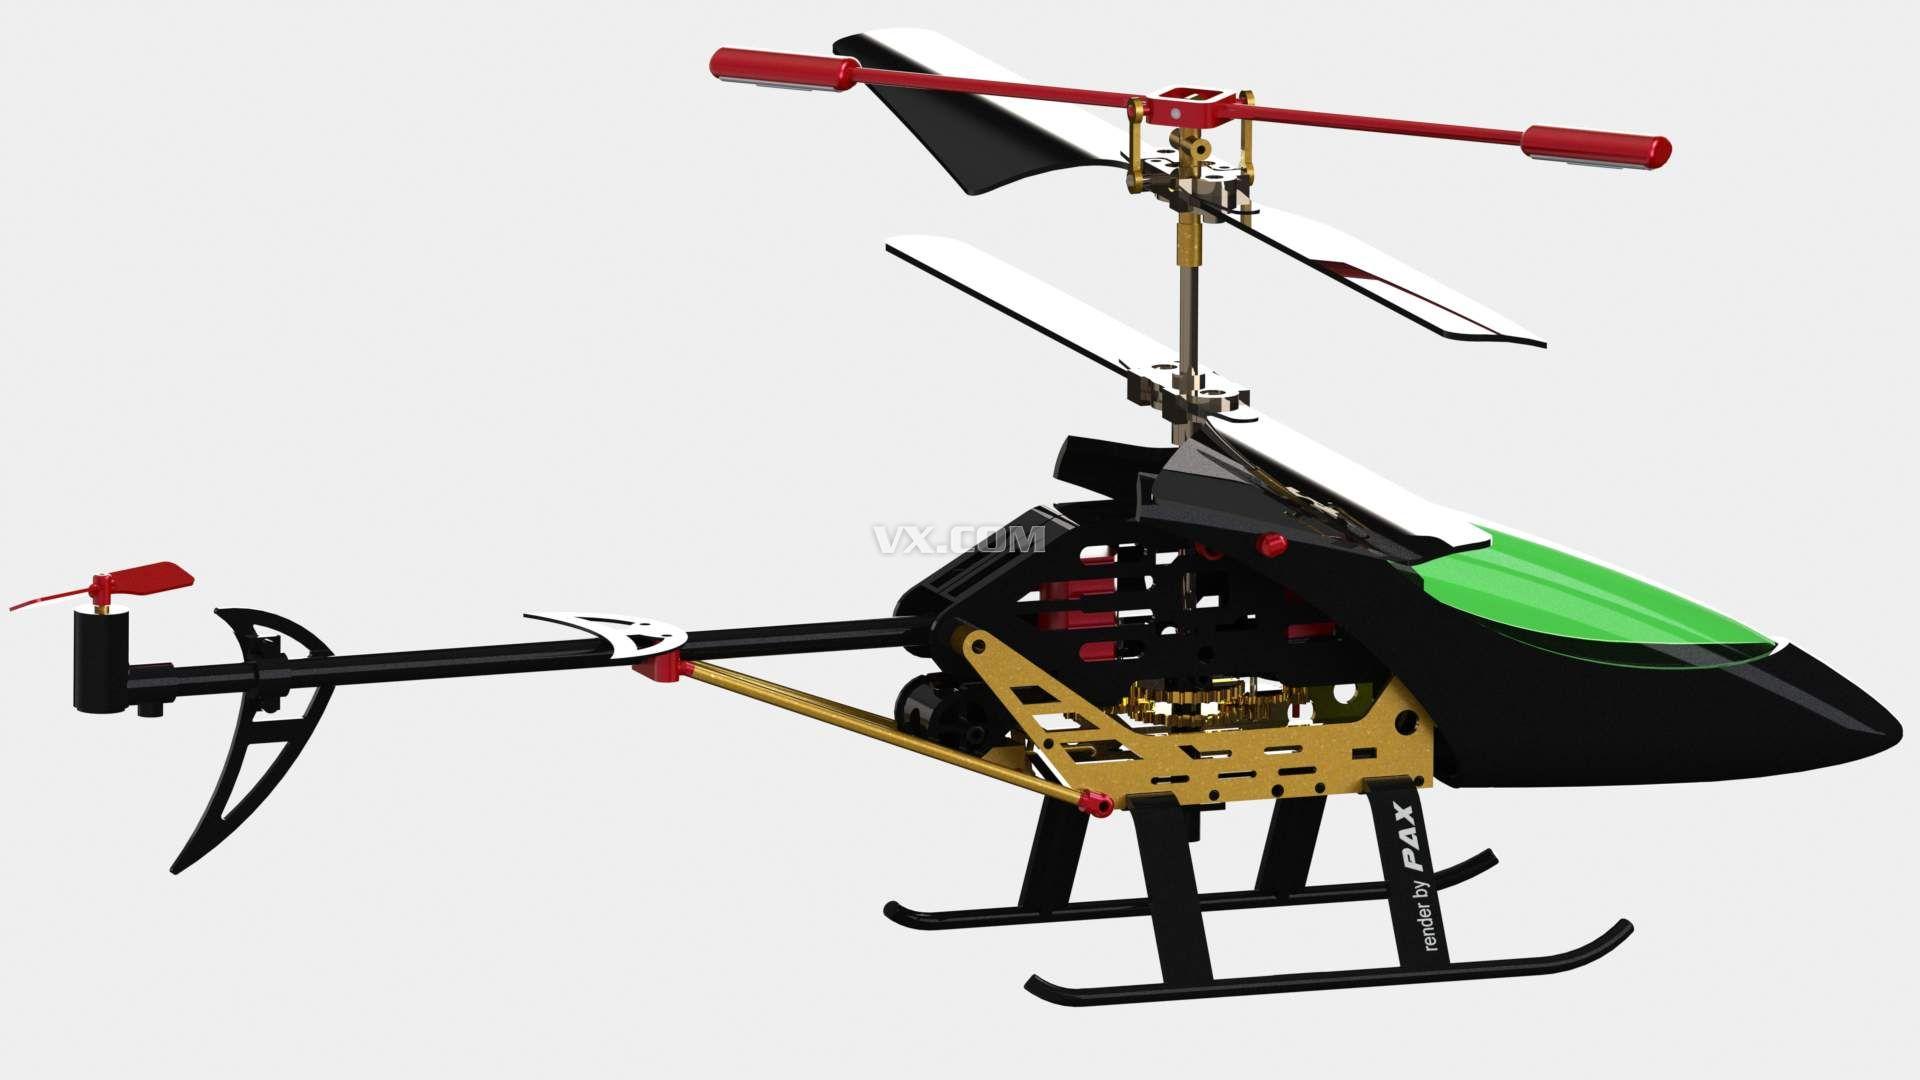 玩具直升机_玩具直升机图片-遥控直升飞机图片